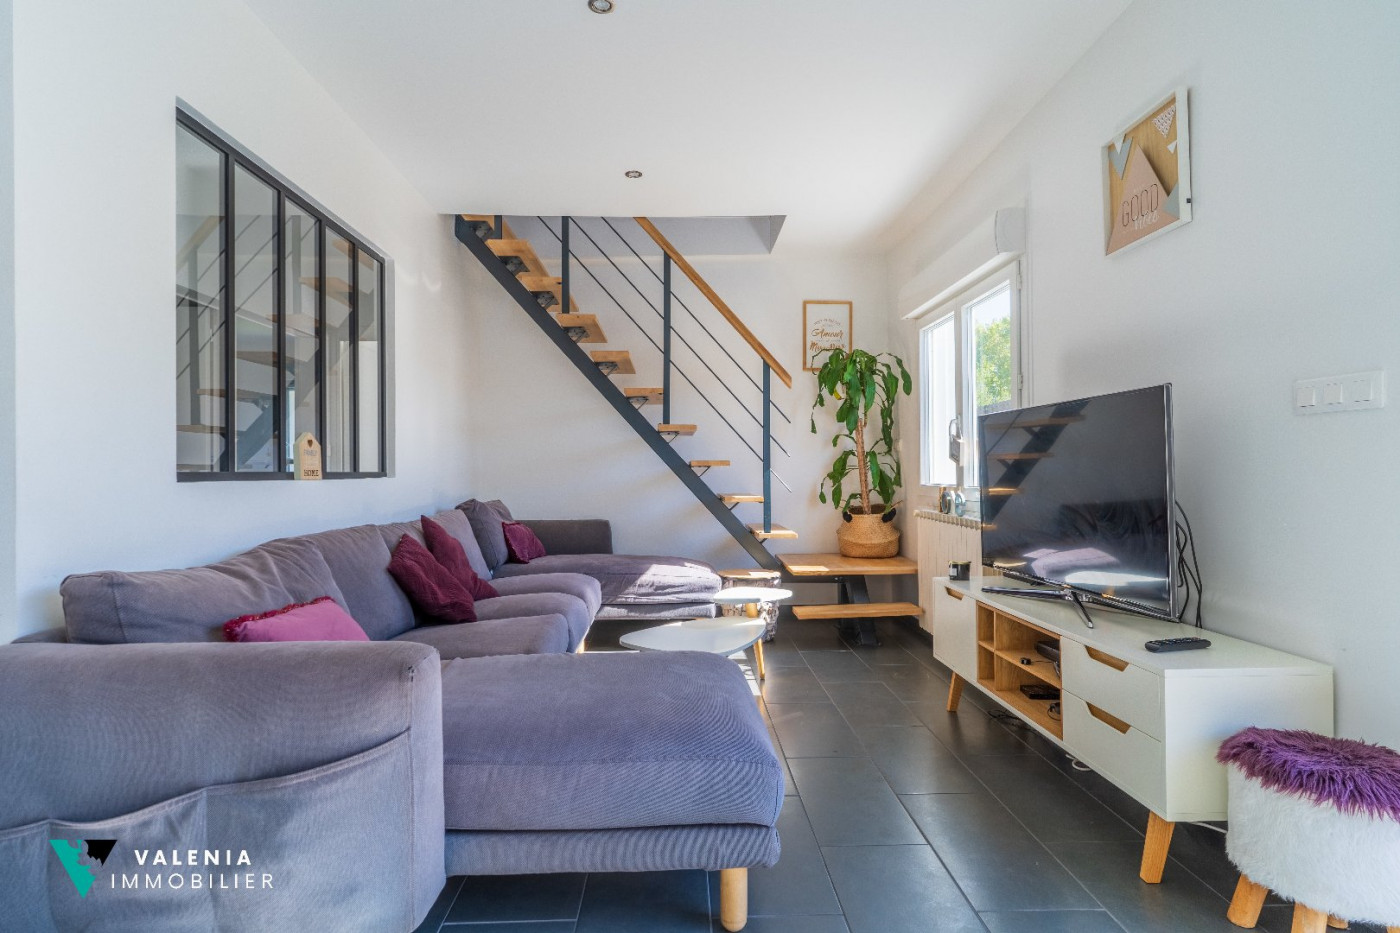 A vendre  Villenave D'ornon | Réf 3453411596 - Valenia immobilier